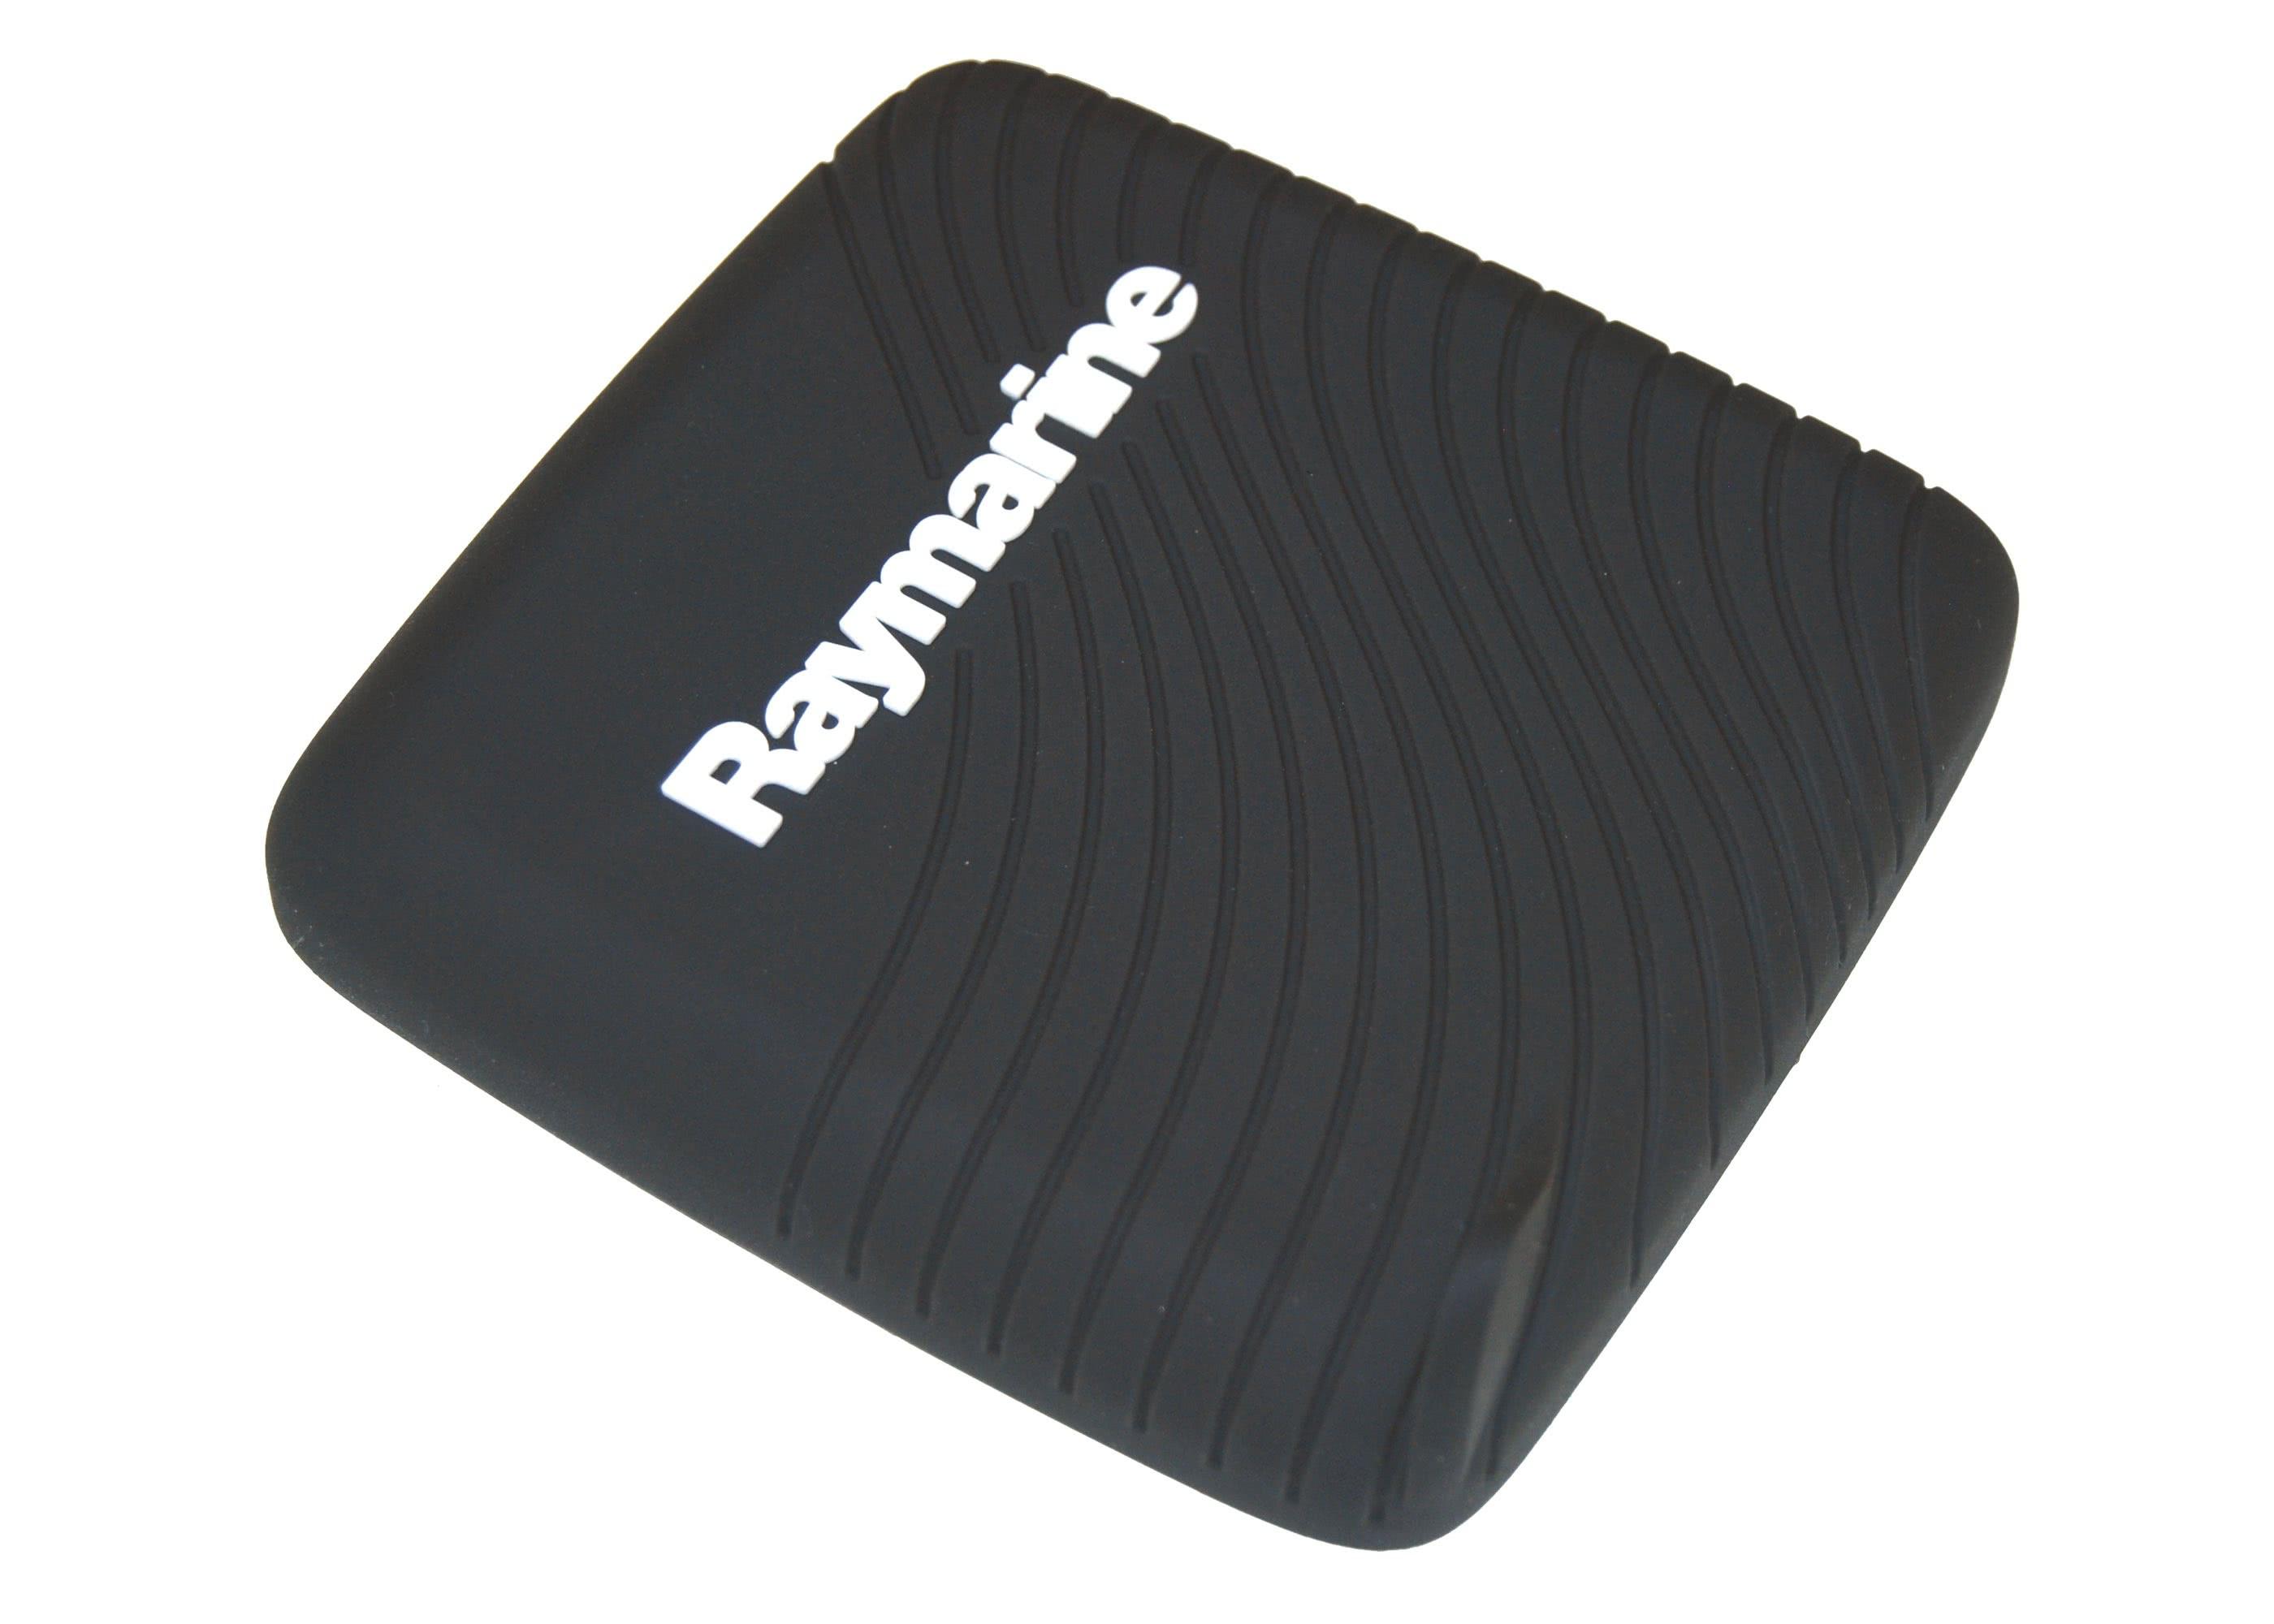 21494_Raymarine_Autopilot_Bediengeraet_p70s_kappe.jpg